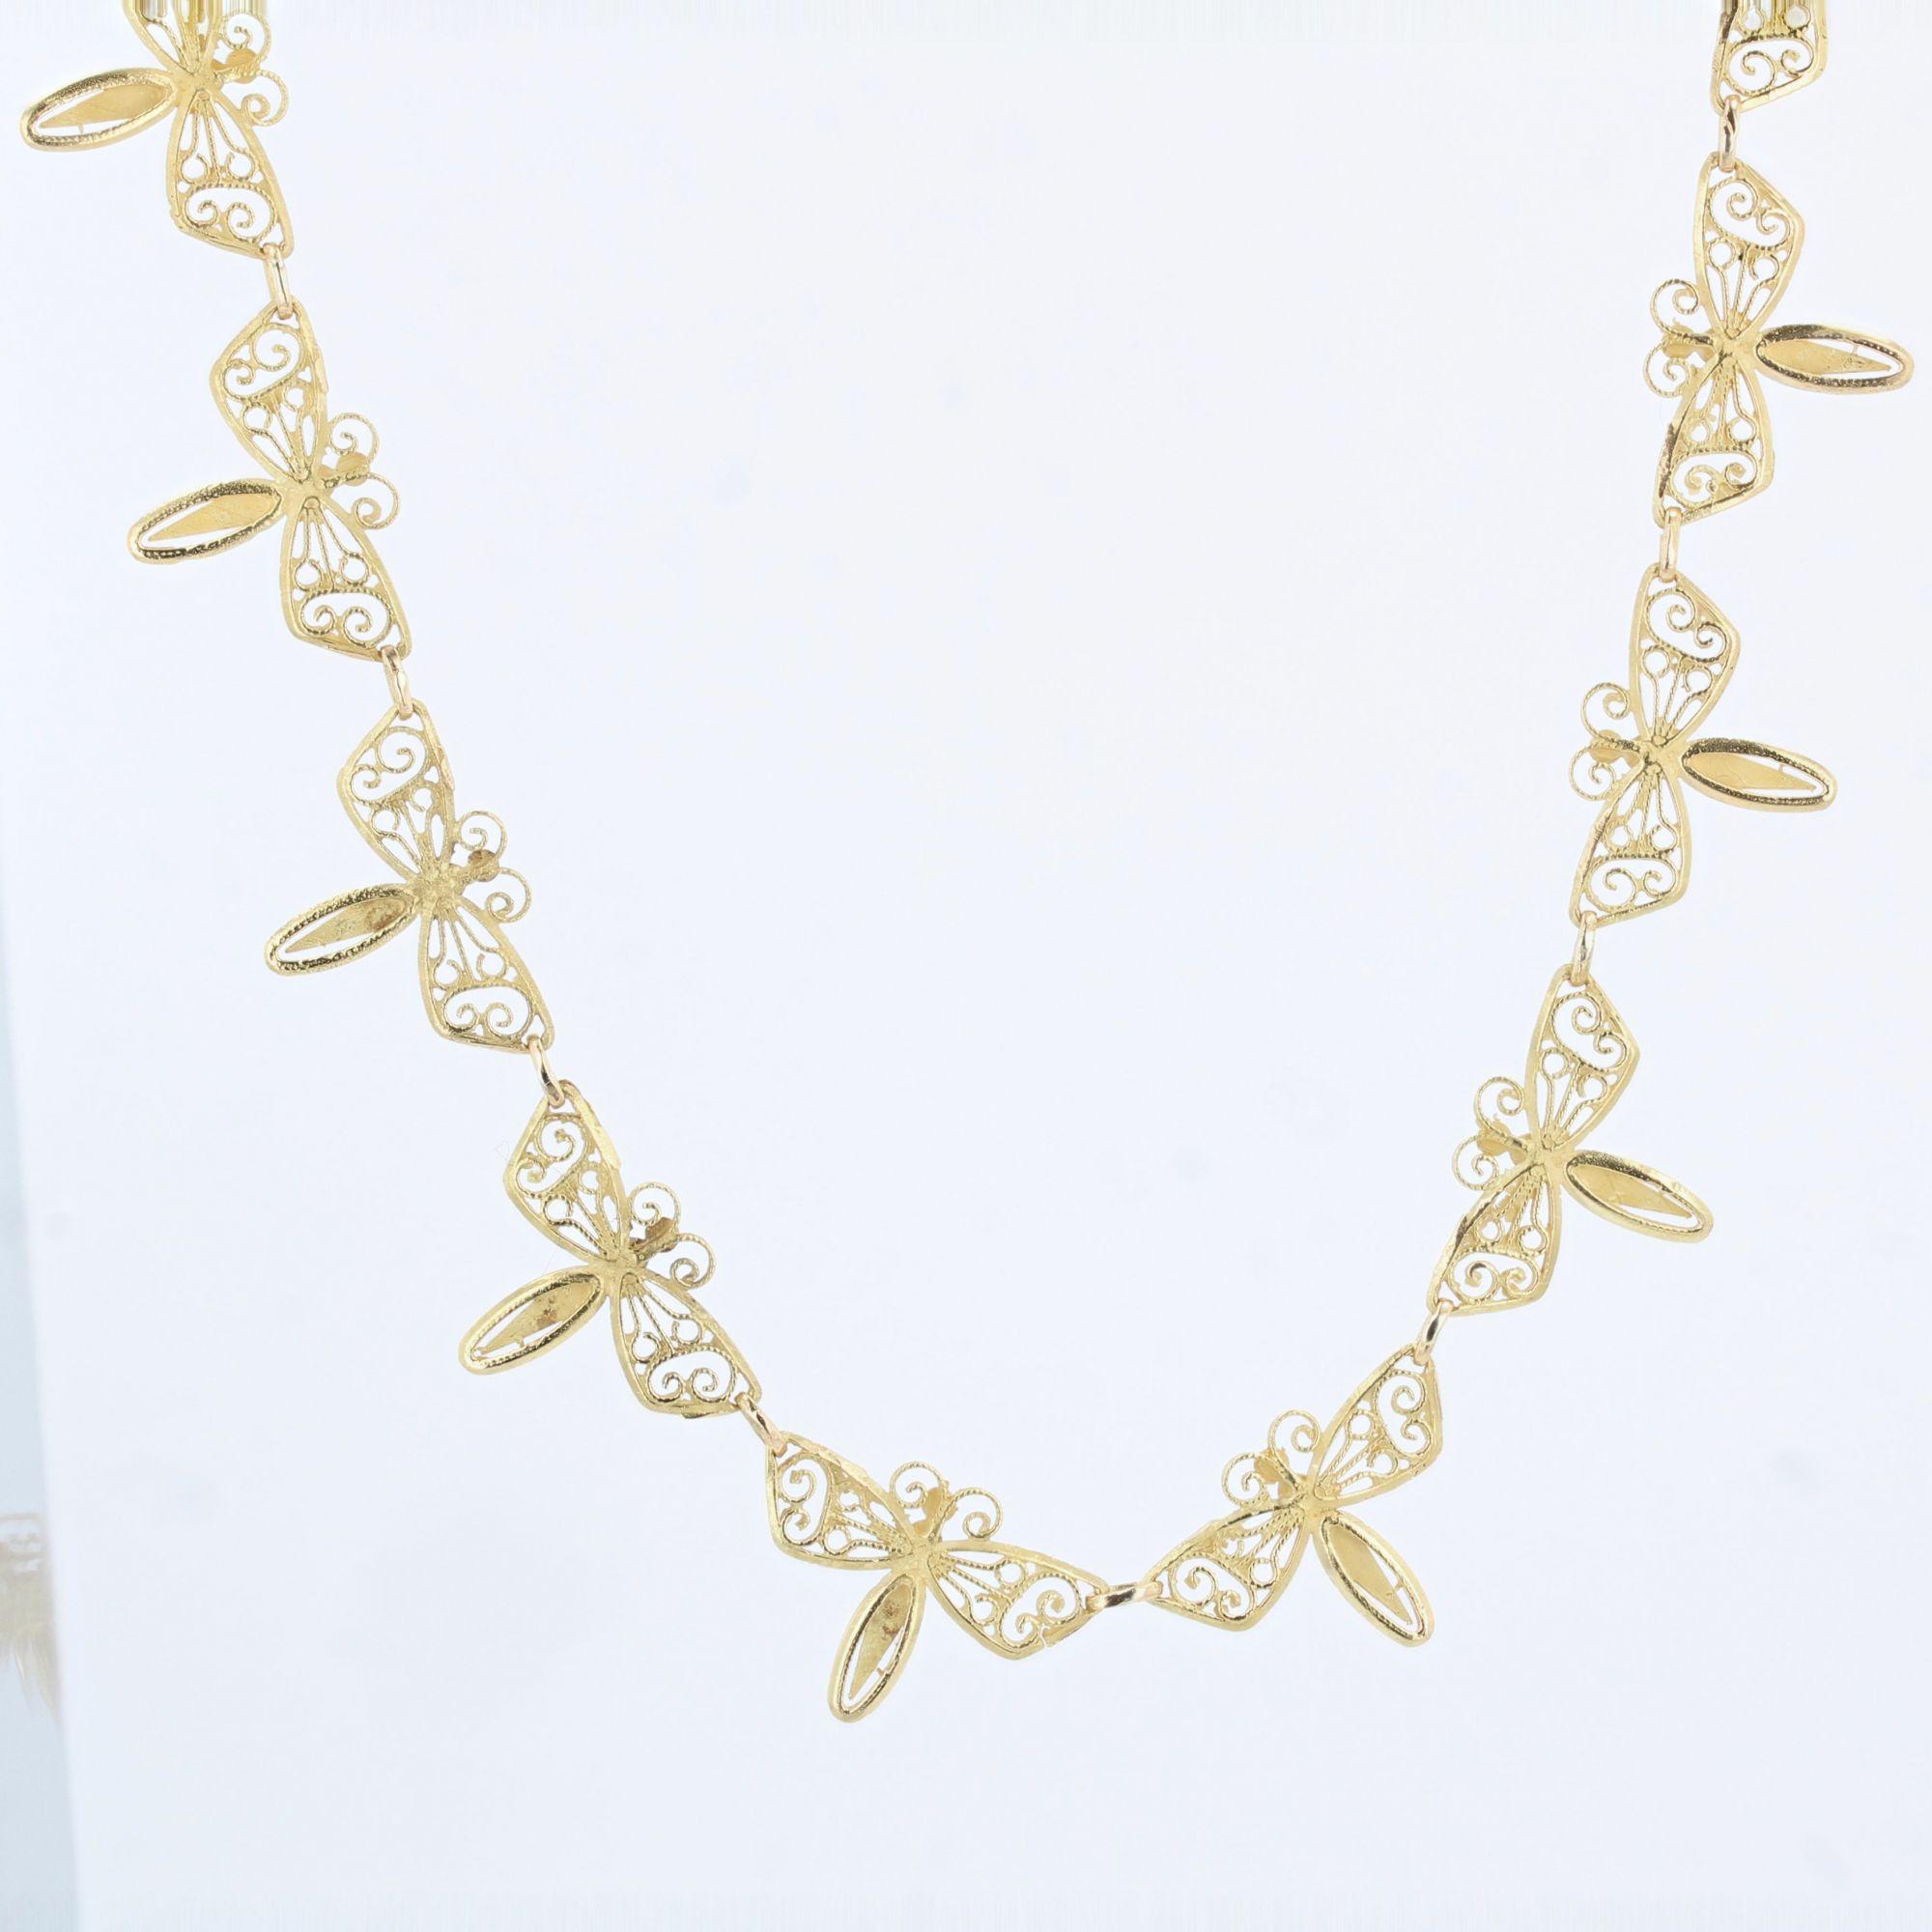 Collier ancien en or aux papillons